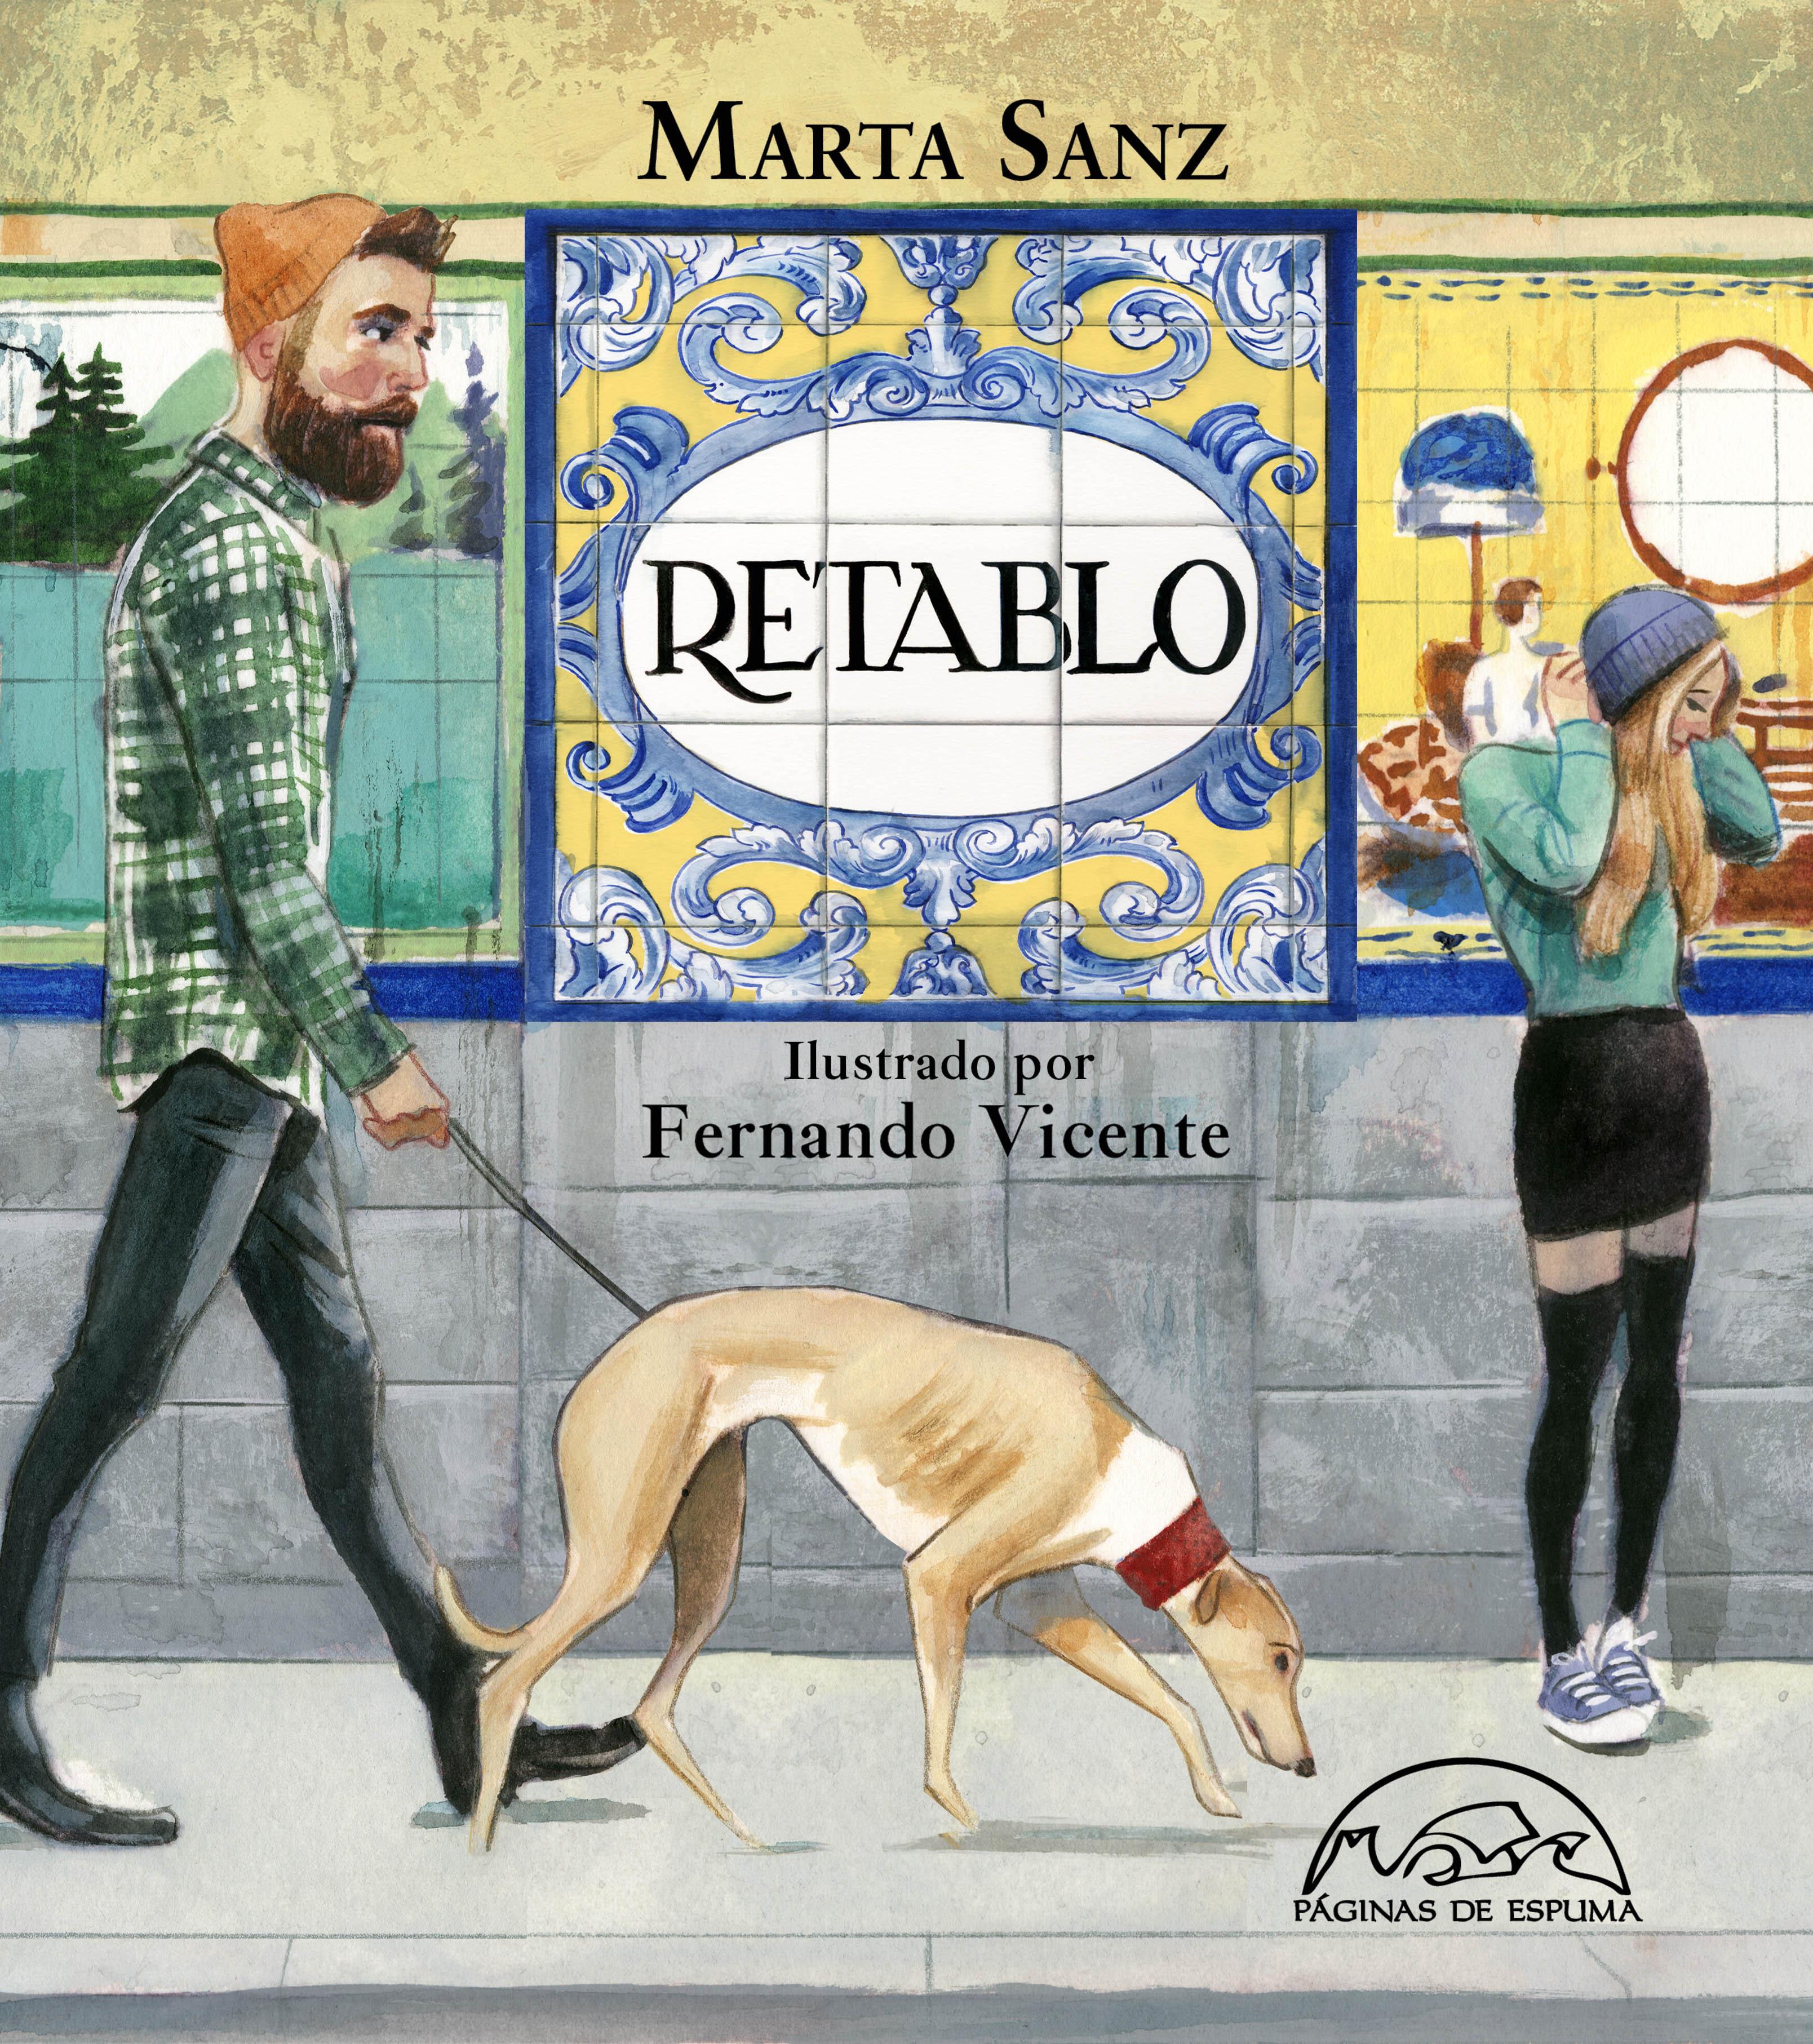 Retablo Marta Sanz y Fernando Vicente Paginas de Espuma